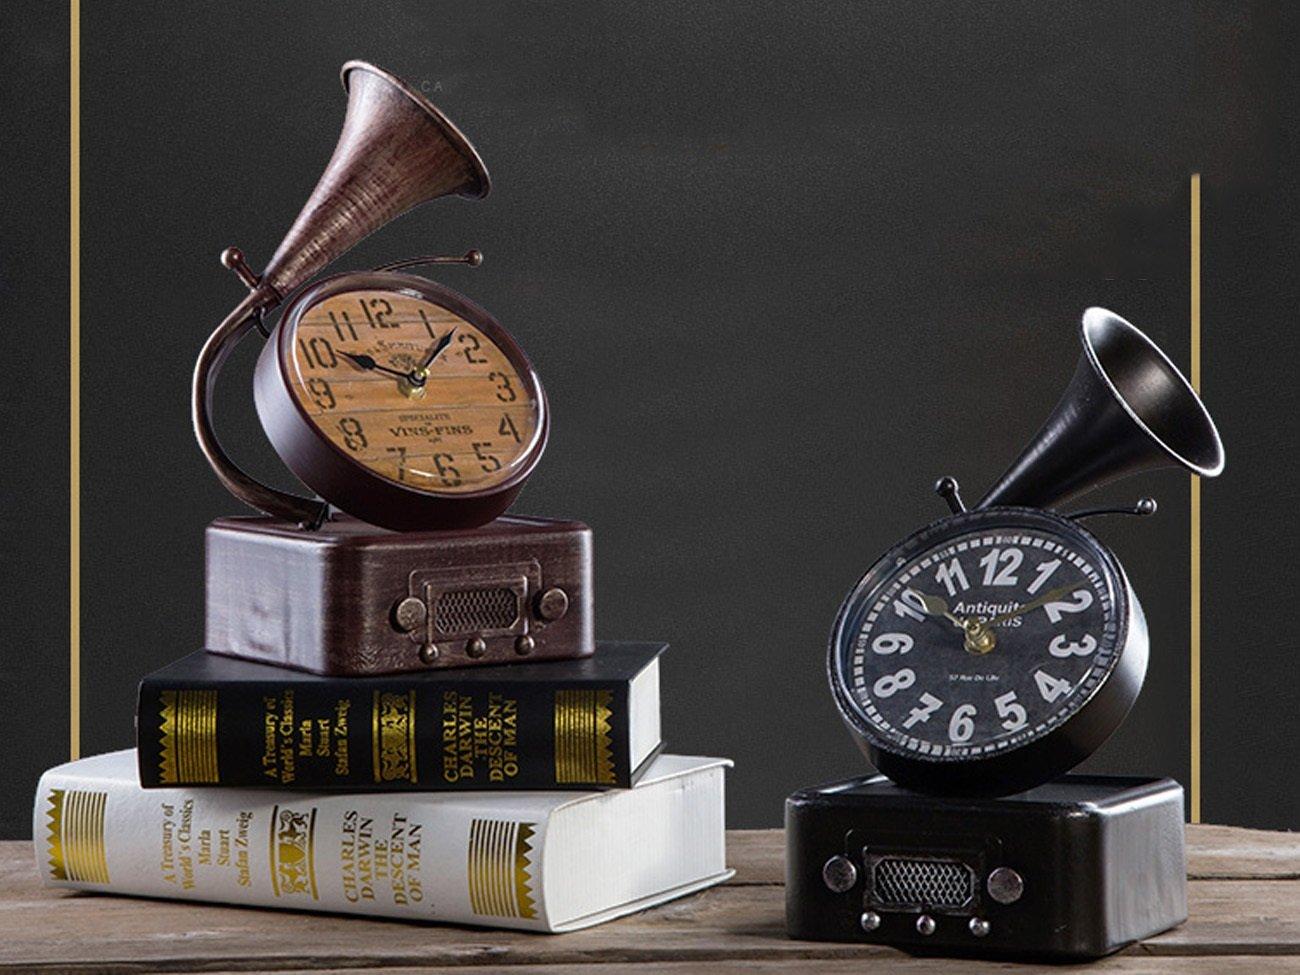 クラシックは、古い祝福モデルクロック、レトロ鉄の装飾テーブルクロック、ホームリビングルームショップのウィンドウの装飾棚の時計やギフト(14 * 17 * 27センチメートル) (色 : 褐色) B07D193STS 褐色 褐色